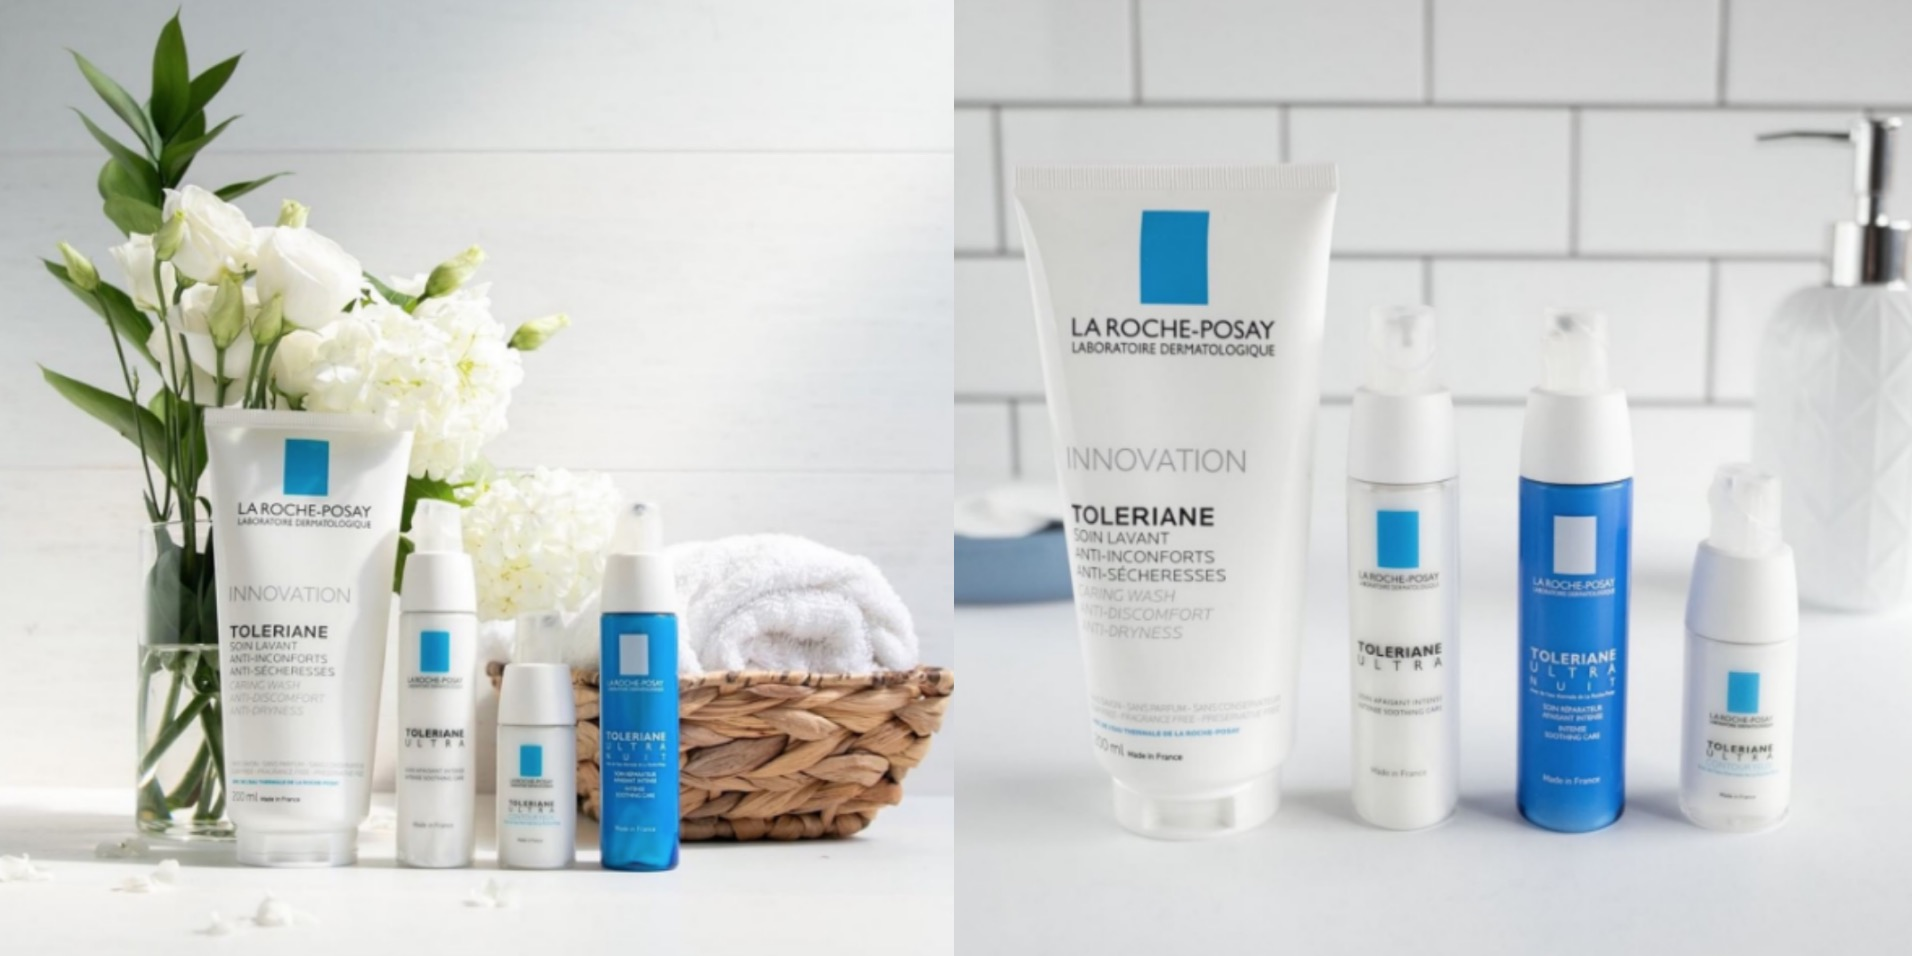 敏感性、混合至油性膚質適用,能立即減緩皮膚刺激,修護保濕滋潤肌膚